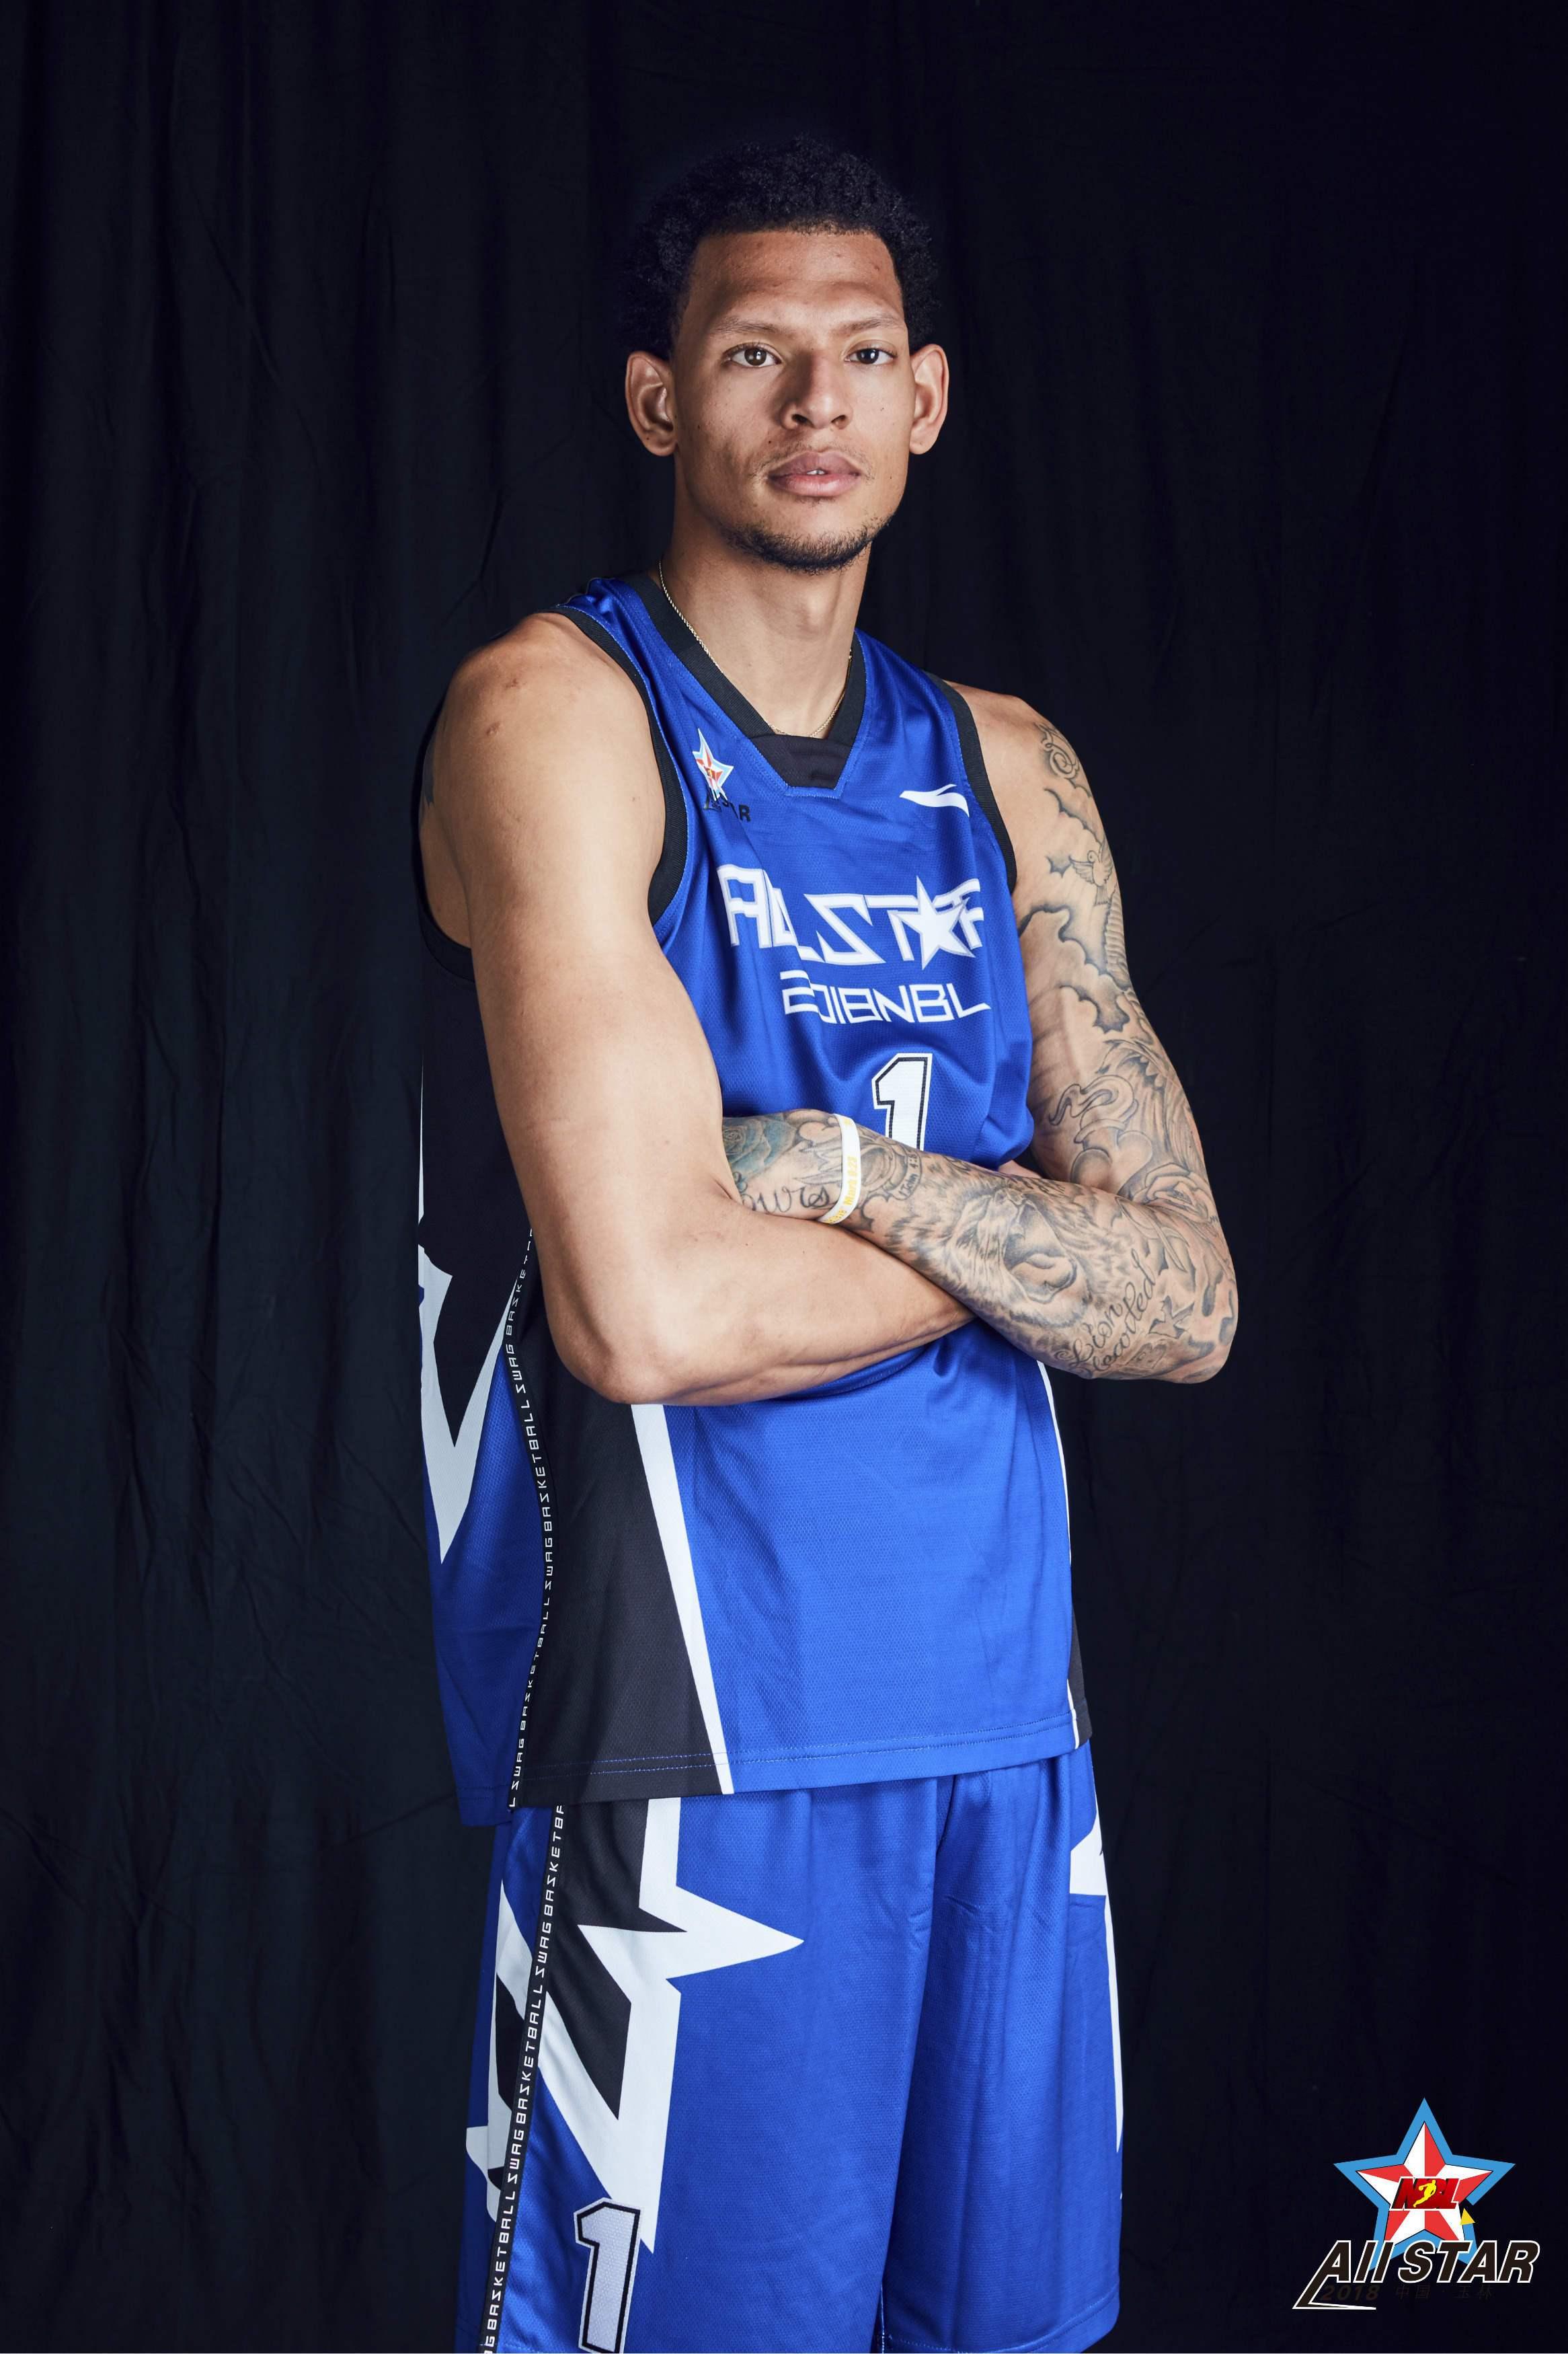 独眼巨人得怪病或活不过40岁,NBA怕他暴毙拒其加盟,坚持篮球梦在中国场均34+10